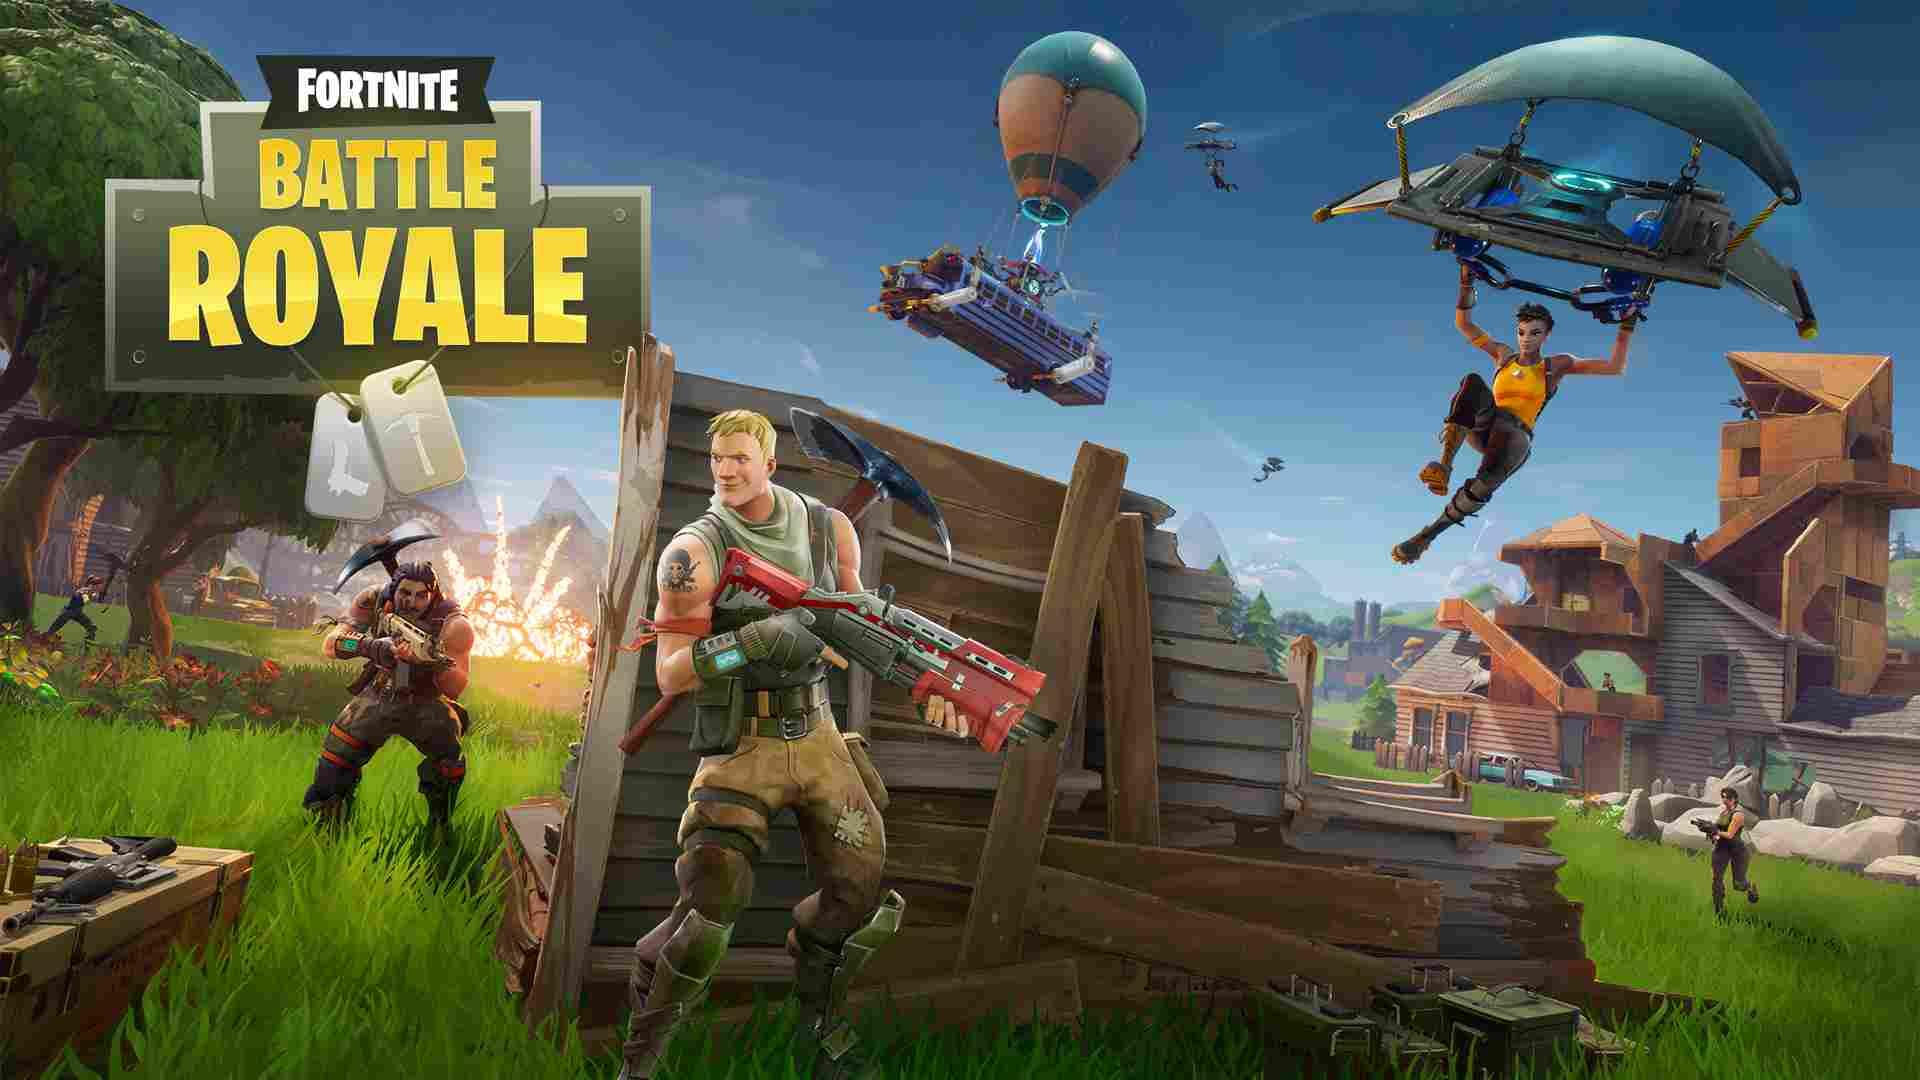 Le Jeu Fortnite Lance Son Mode Battle Royale intérieur Jeux De Tout Gratuit